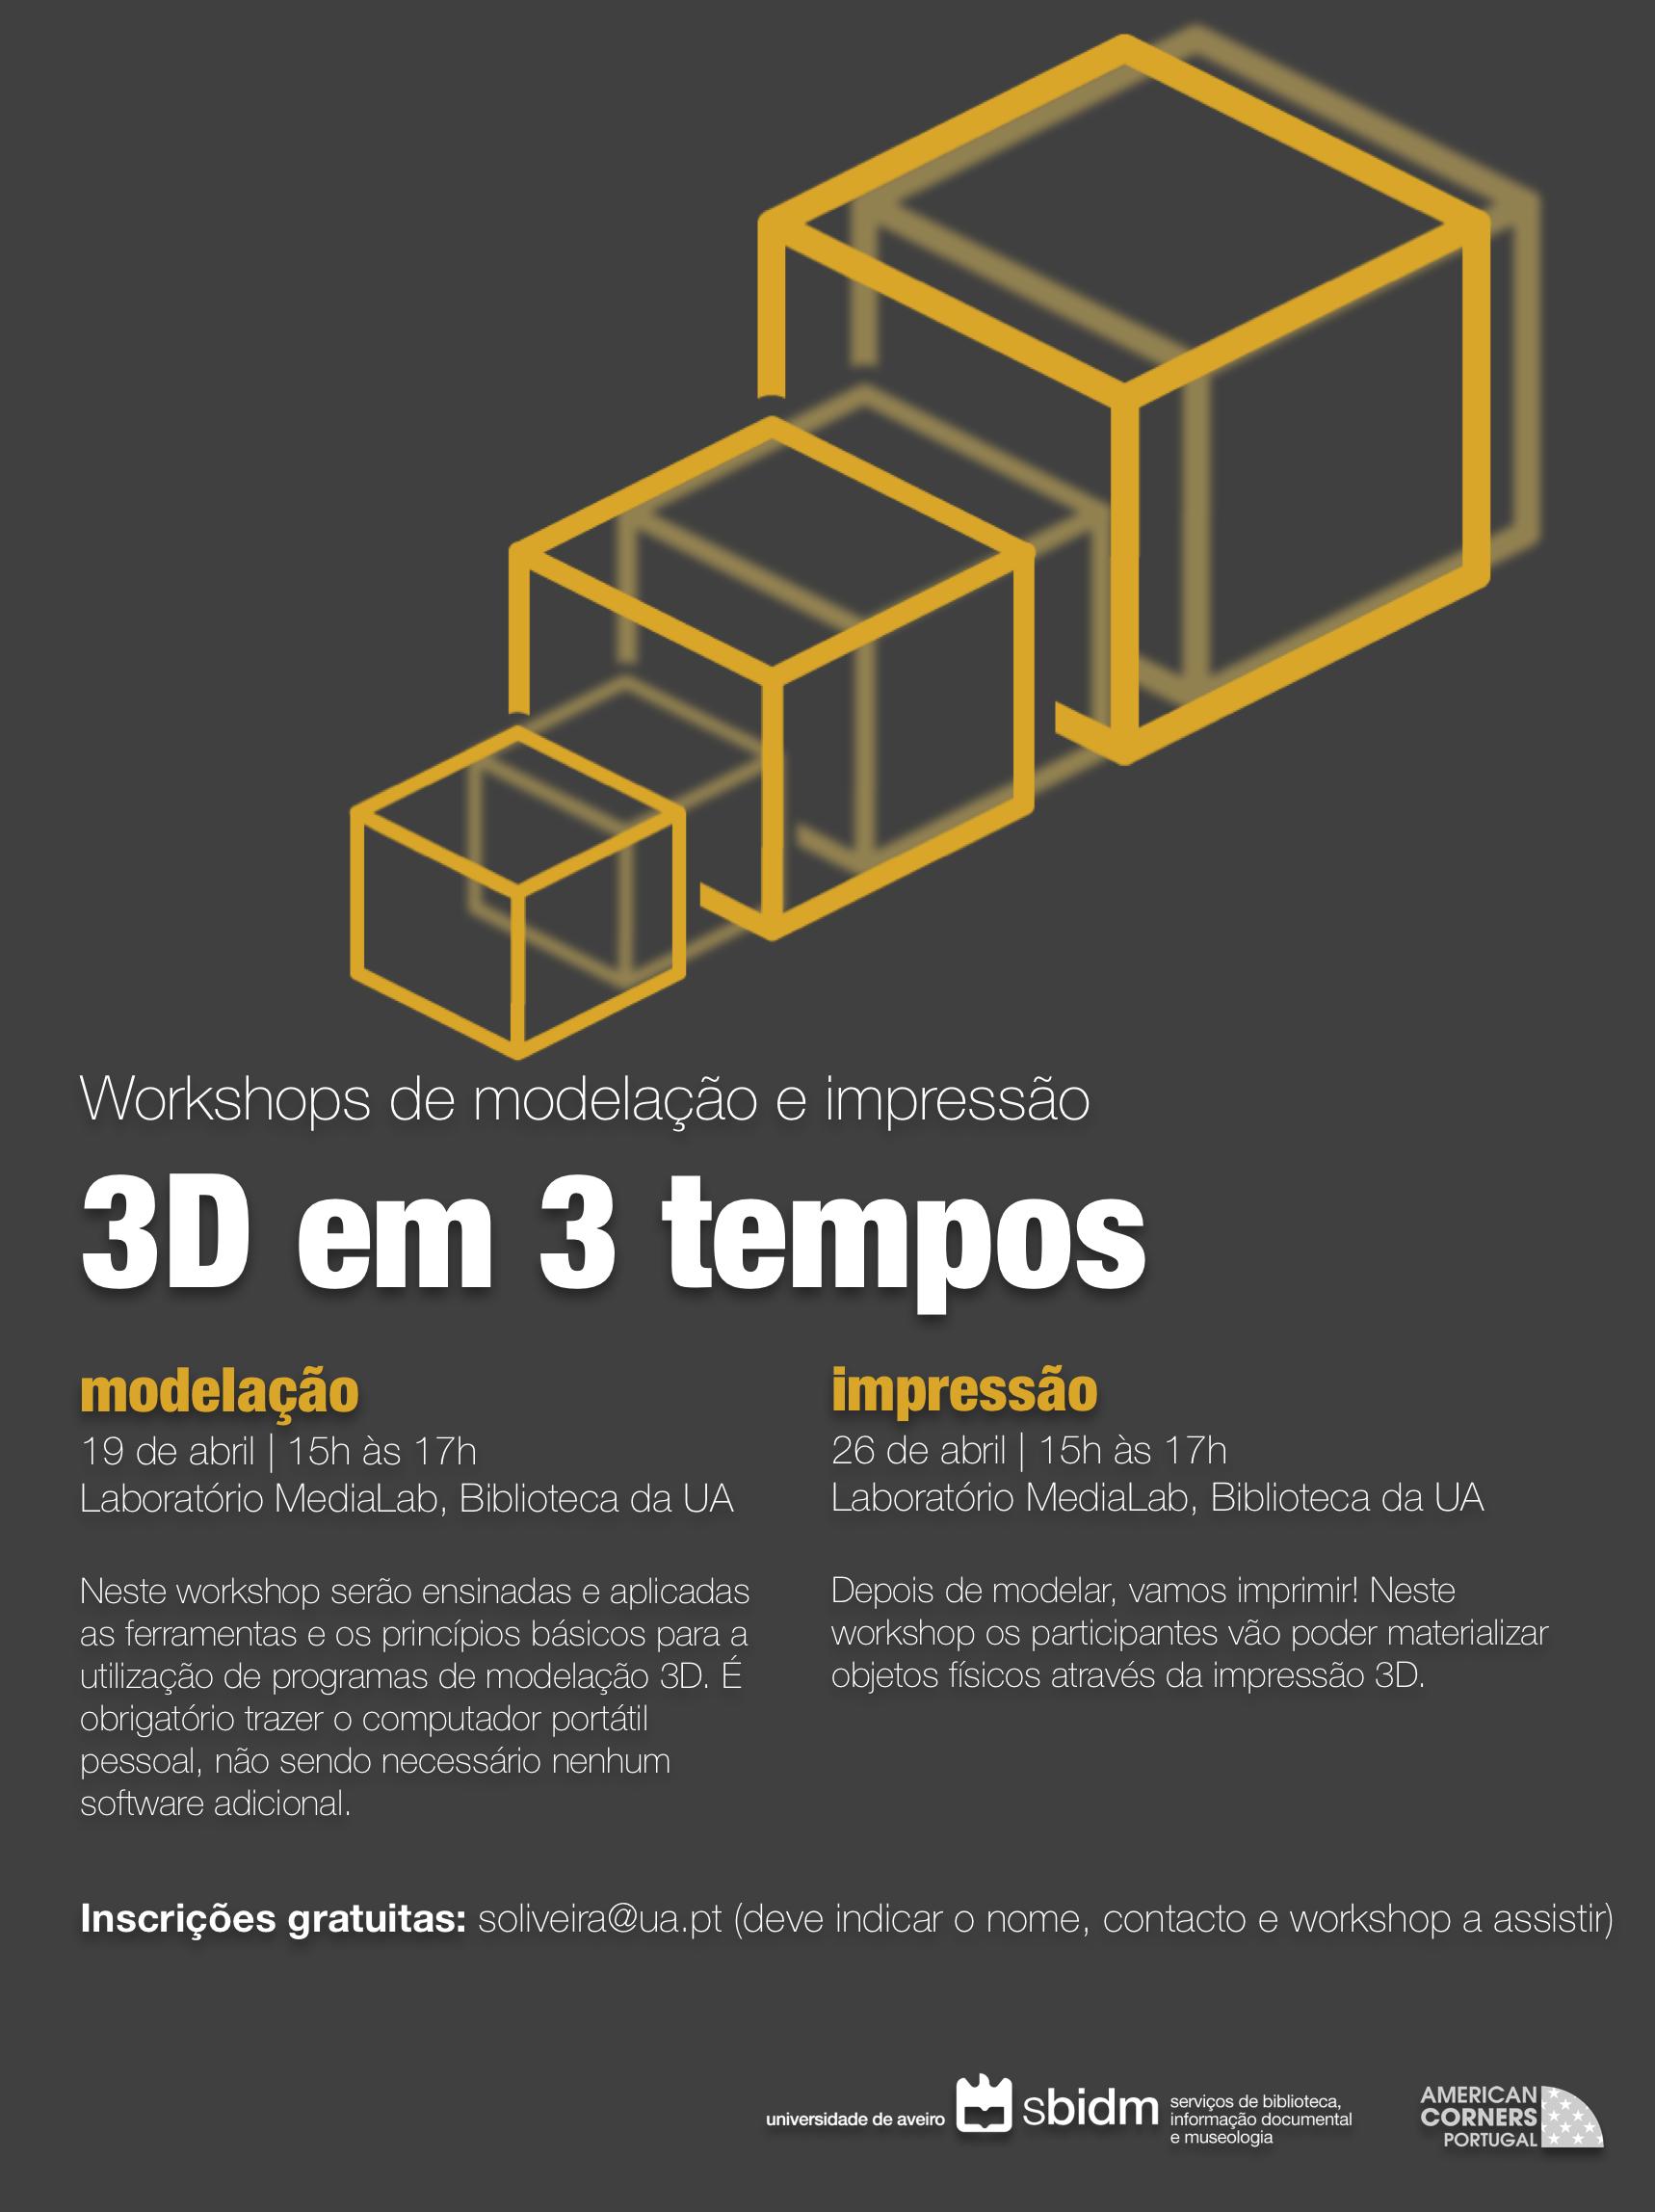 3D em 3tempos